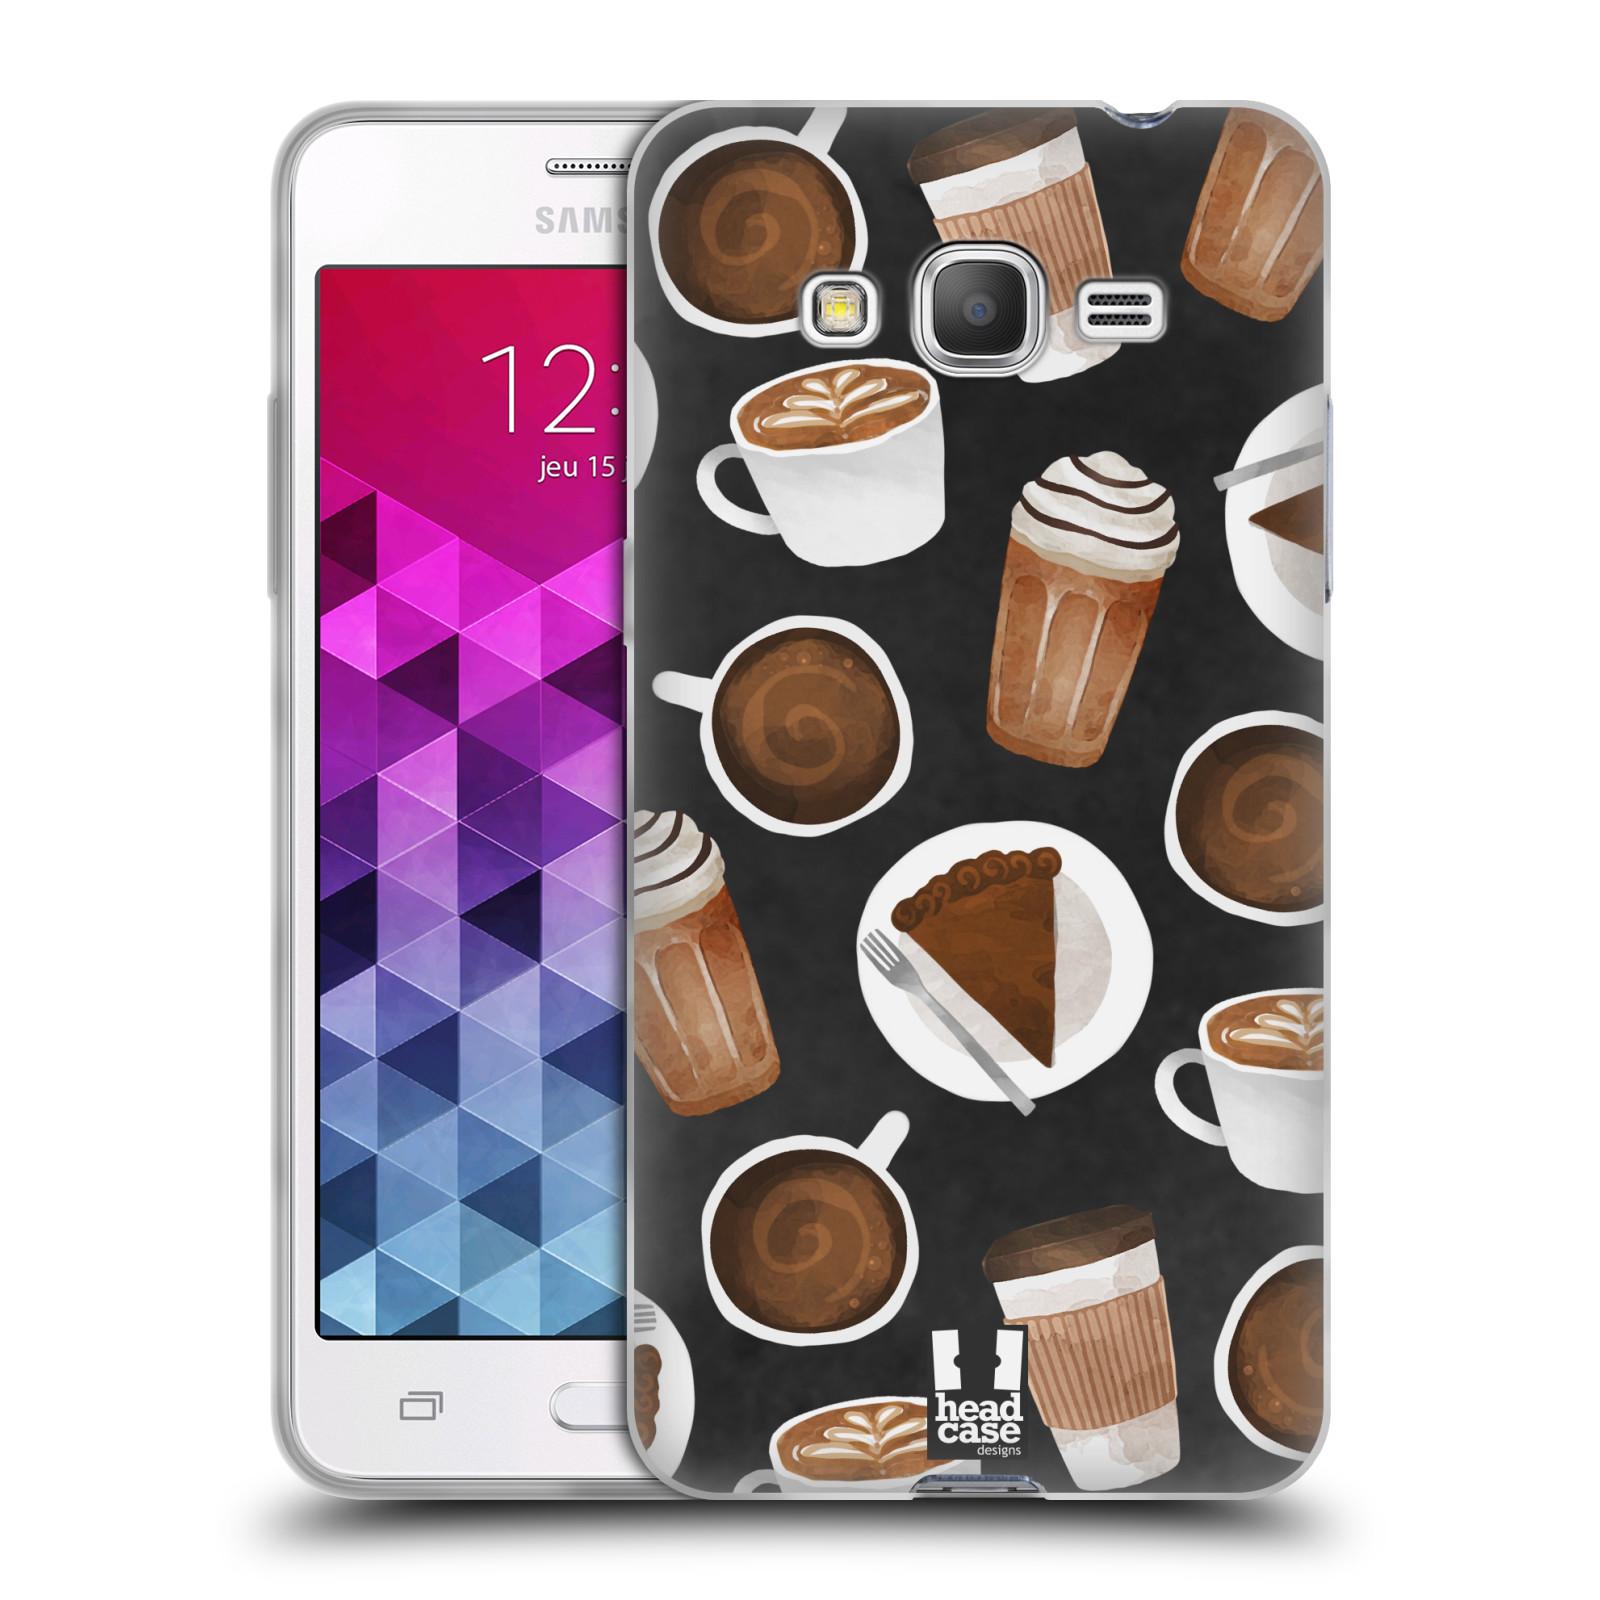 Silikonové pouzdro na mobil Samsung Galaxy Grand Prime VE Head Case - Kafíčka a dortík